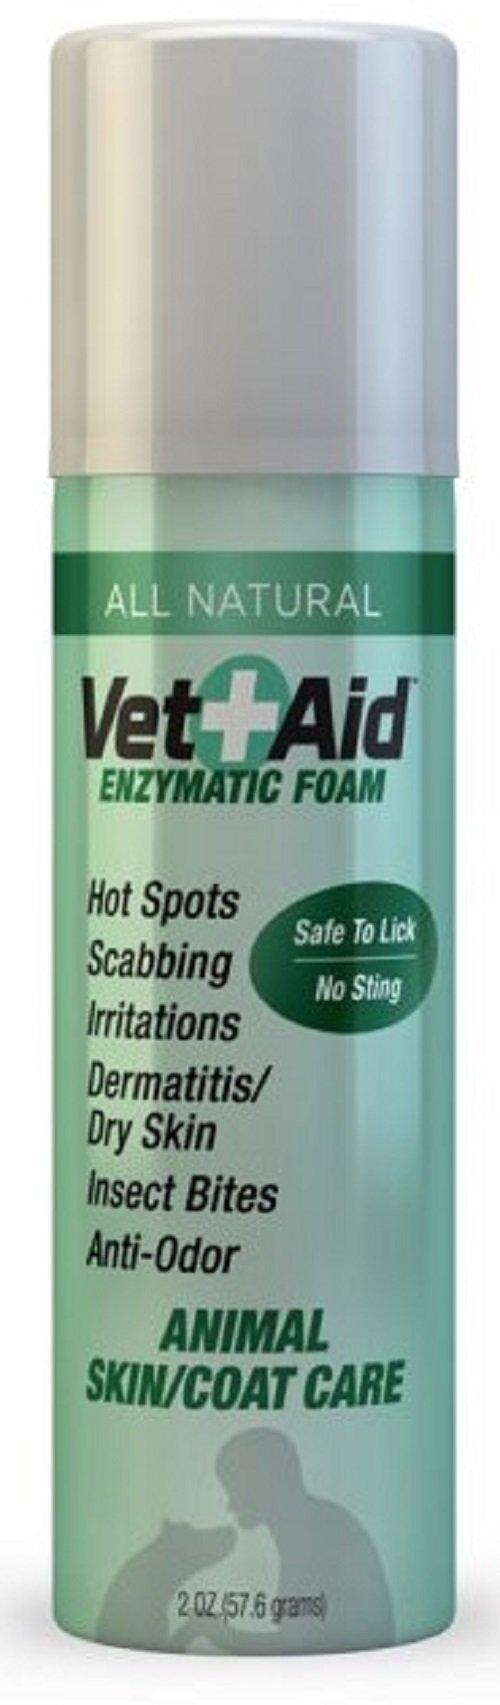 Vet Aid Sea Salt Wound Care Foam, 2-Ounce by Vet Aid